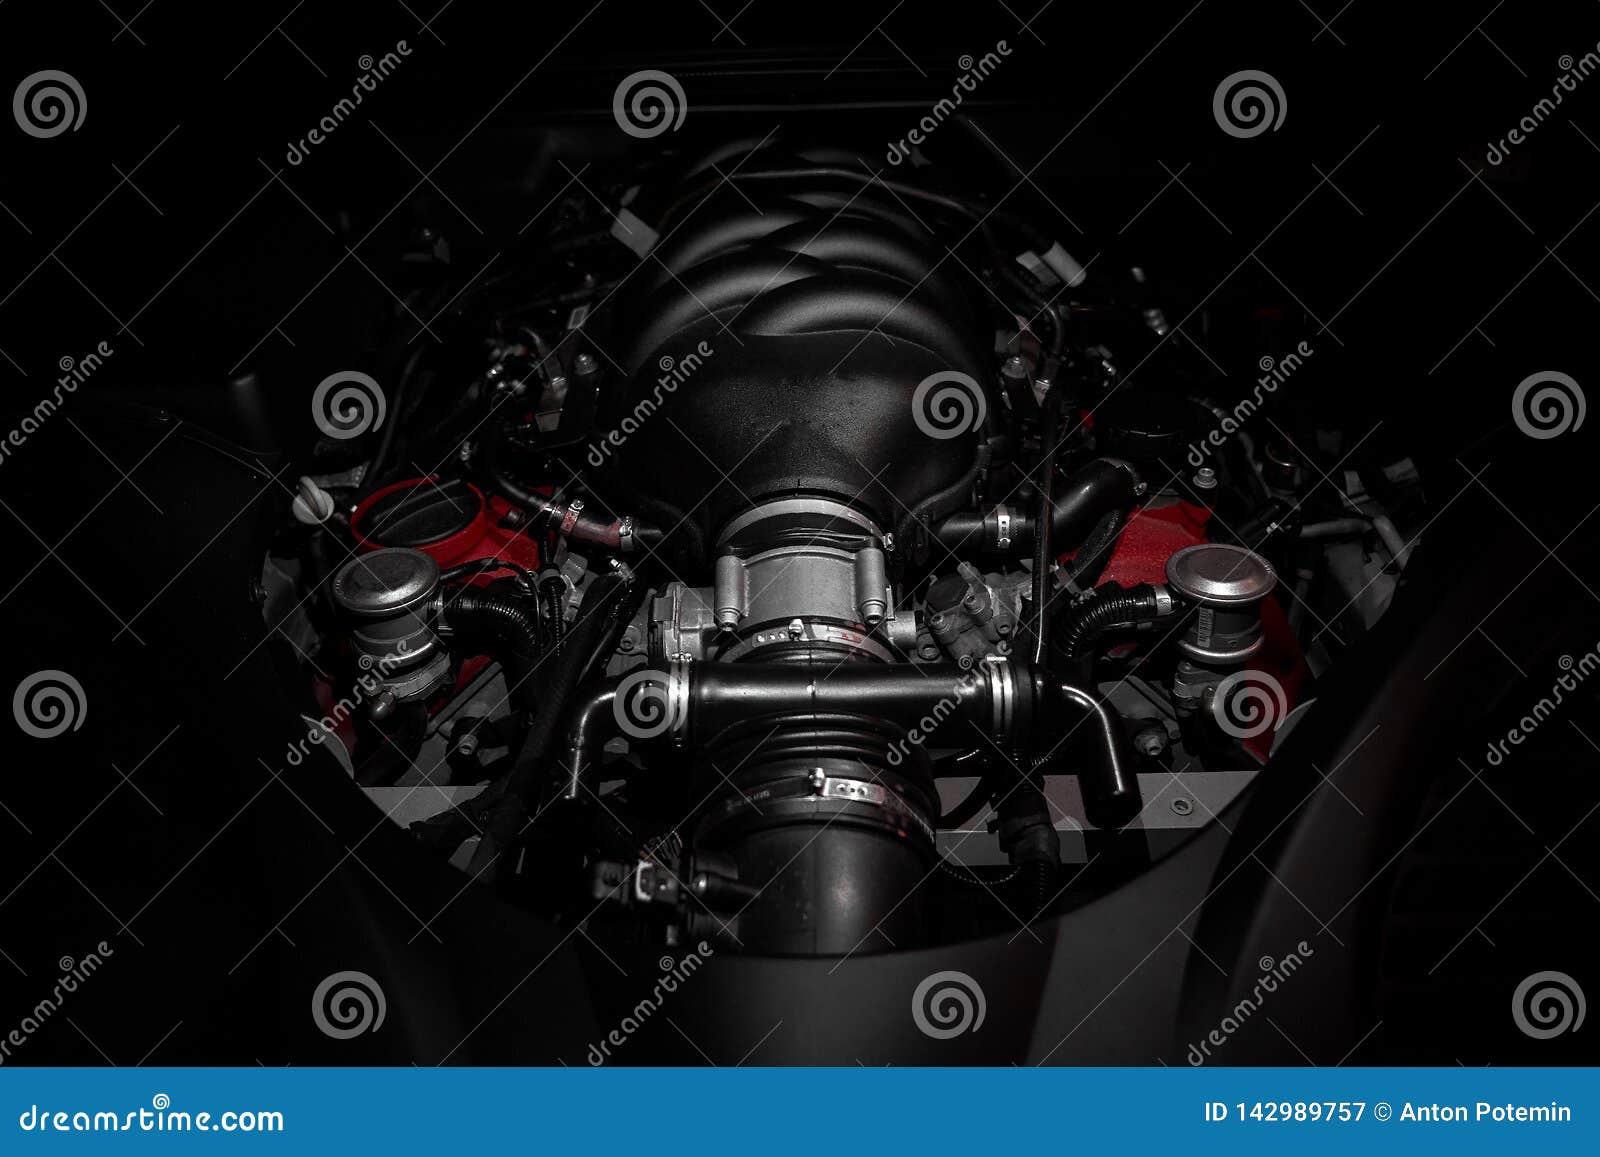 Motor potente de v8 del coche italiano rápido